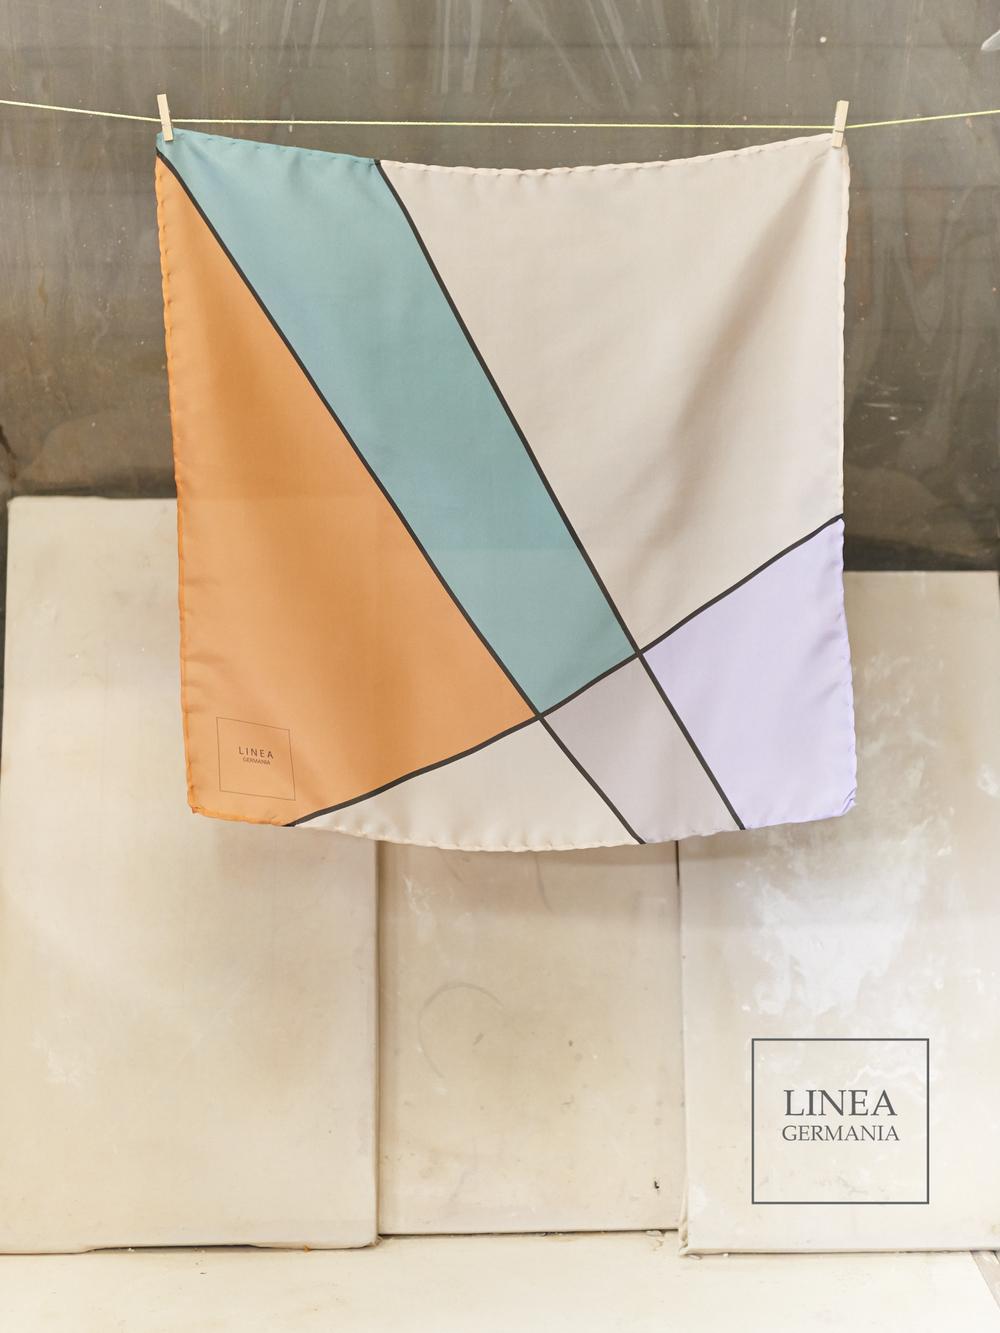 Linea Germania Color Dance 1a.jpg